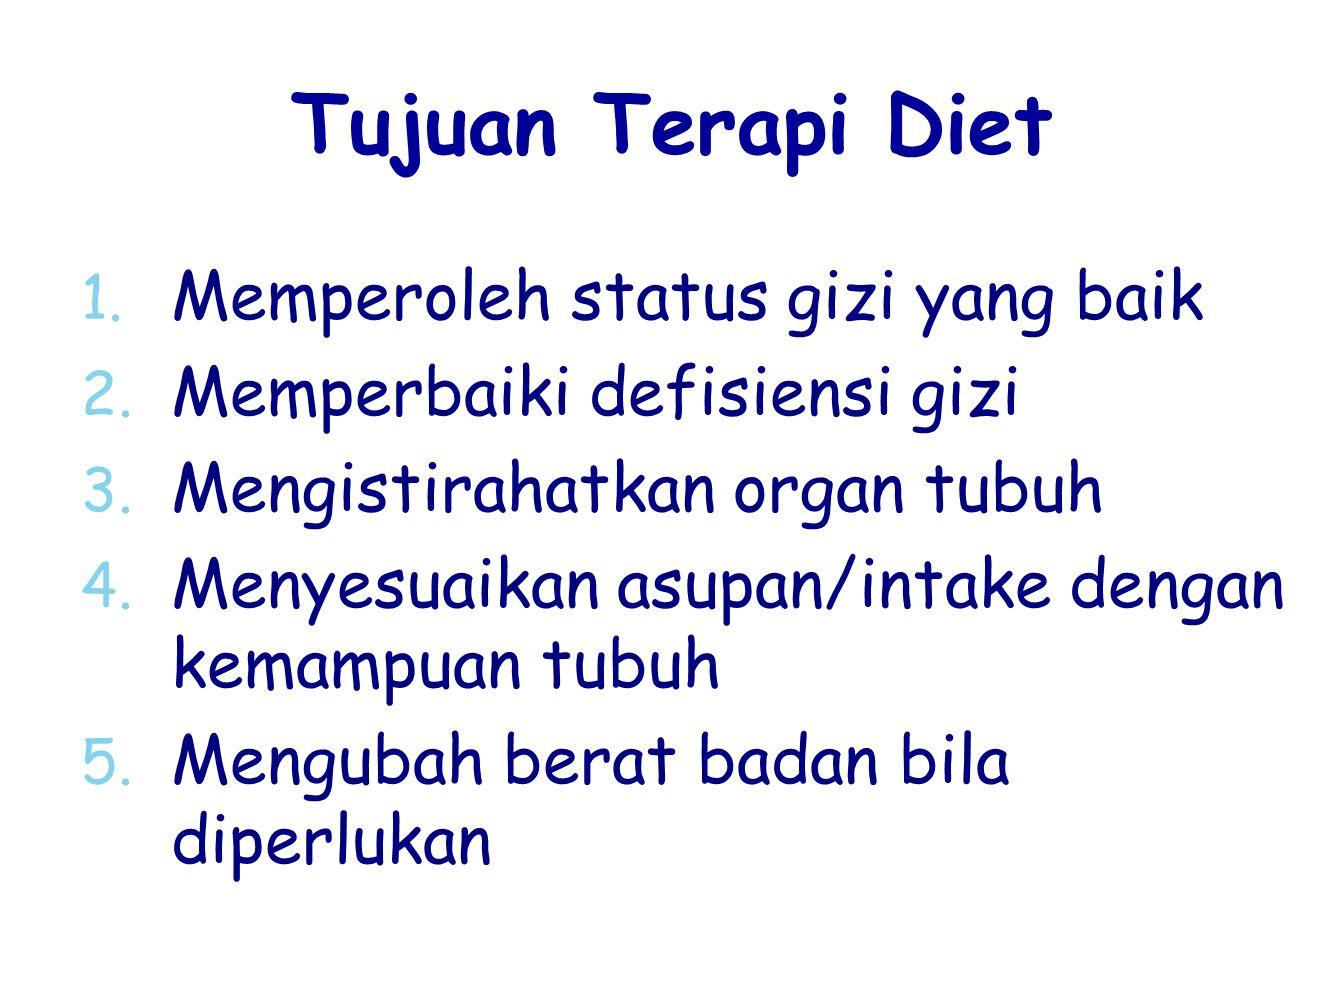 Tujuan Terapi Diet Memperoleh status gizi yang baik